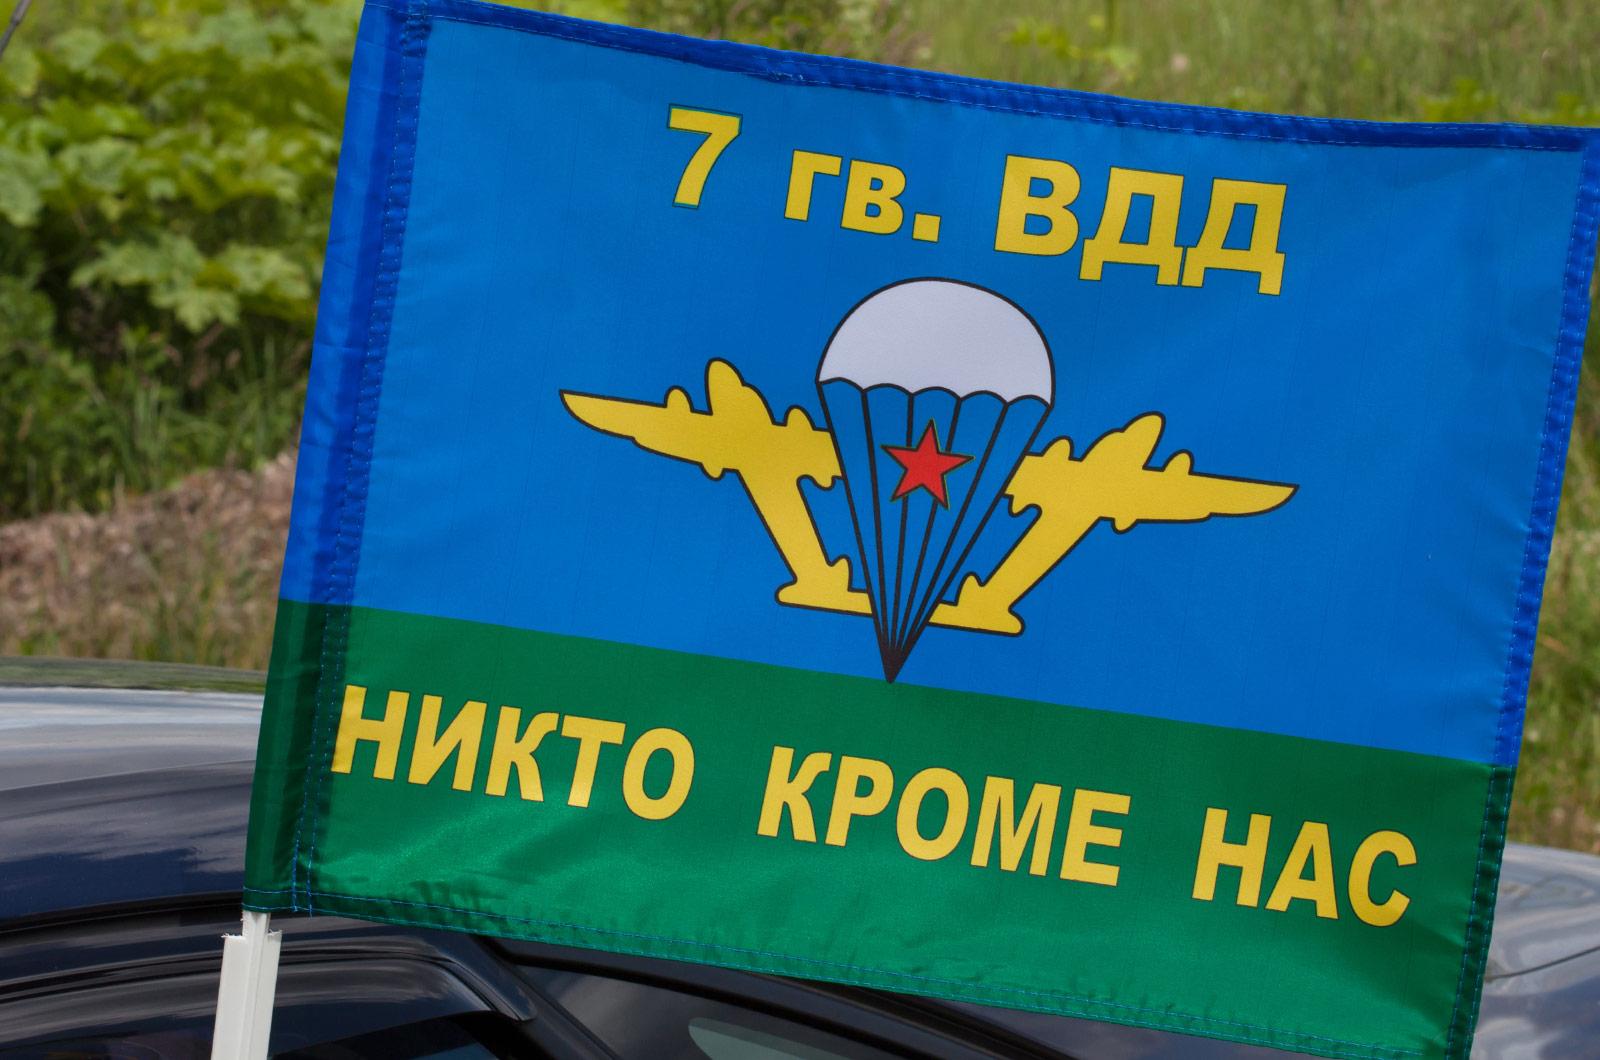 Флаг ВДВ 7 гв. ВДД